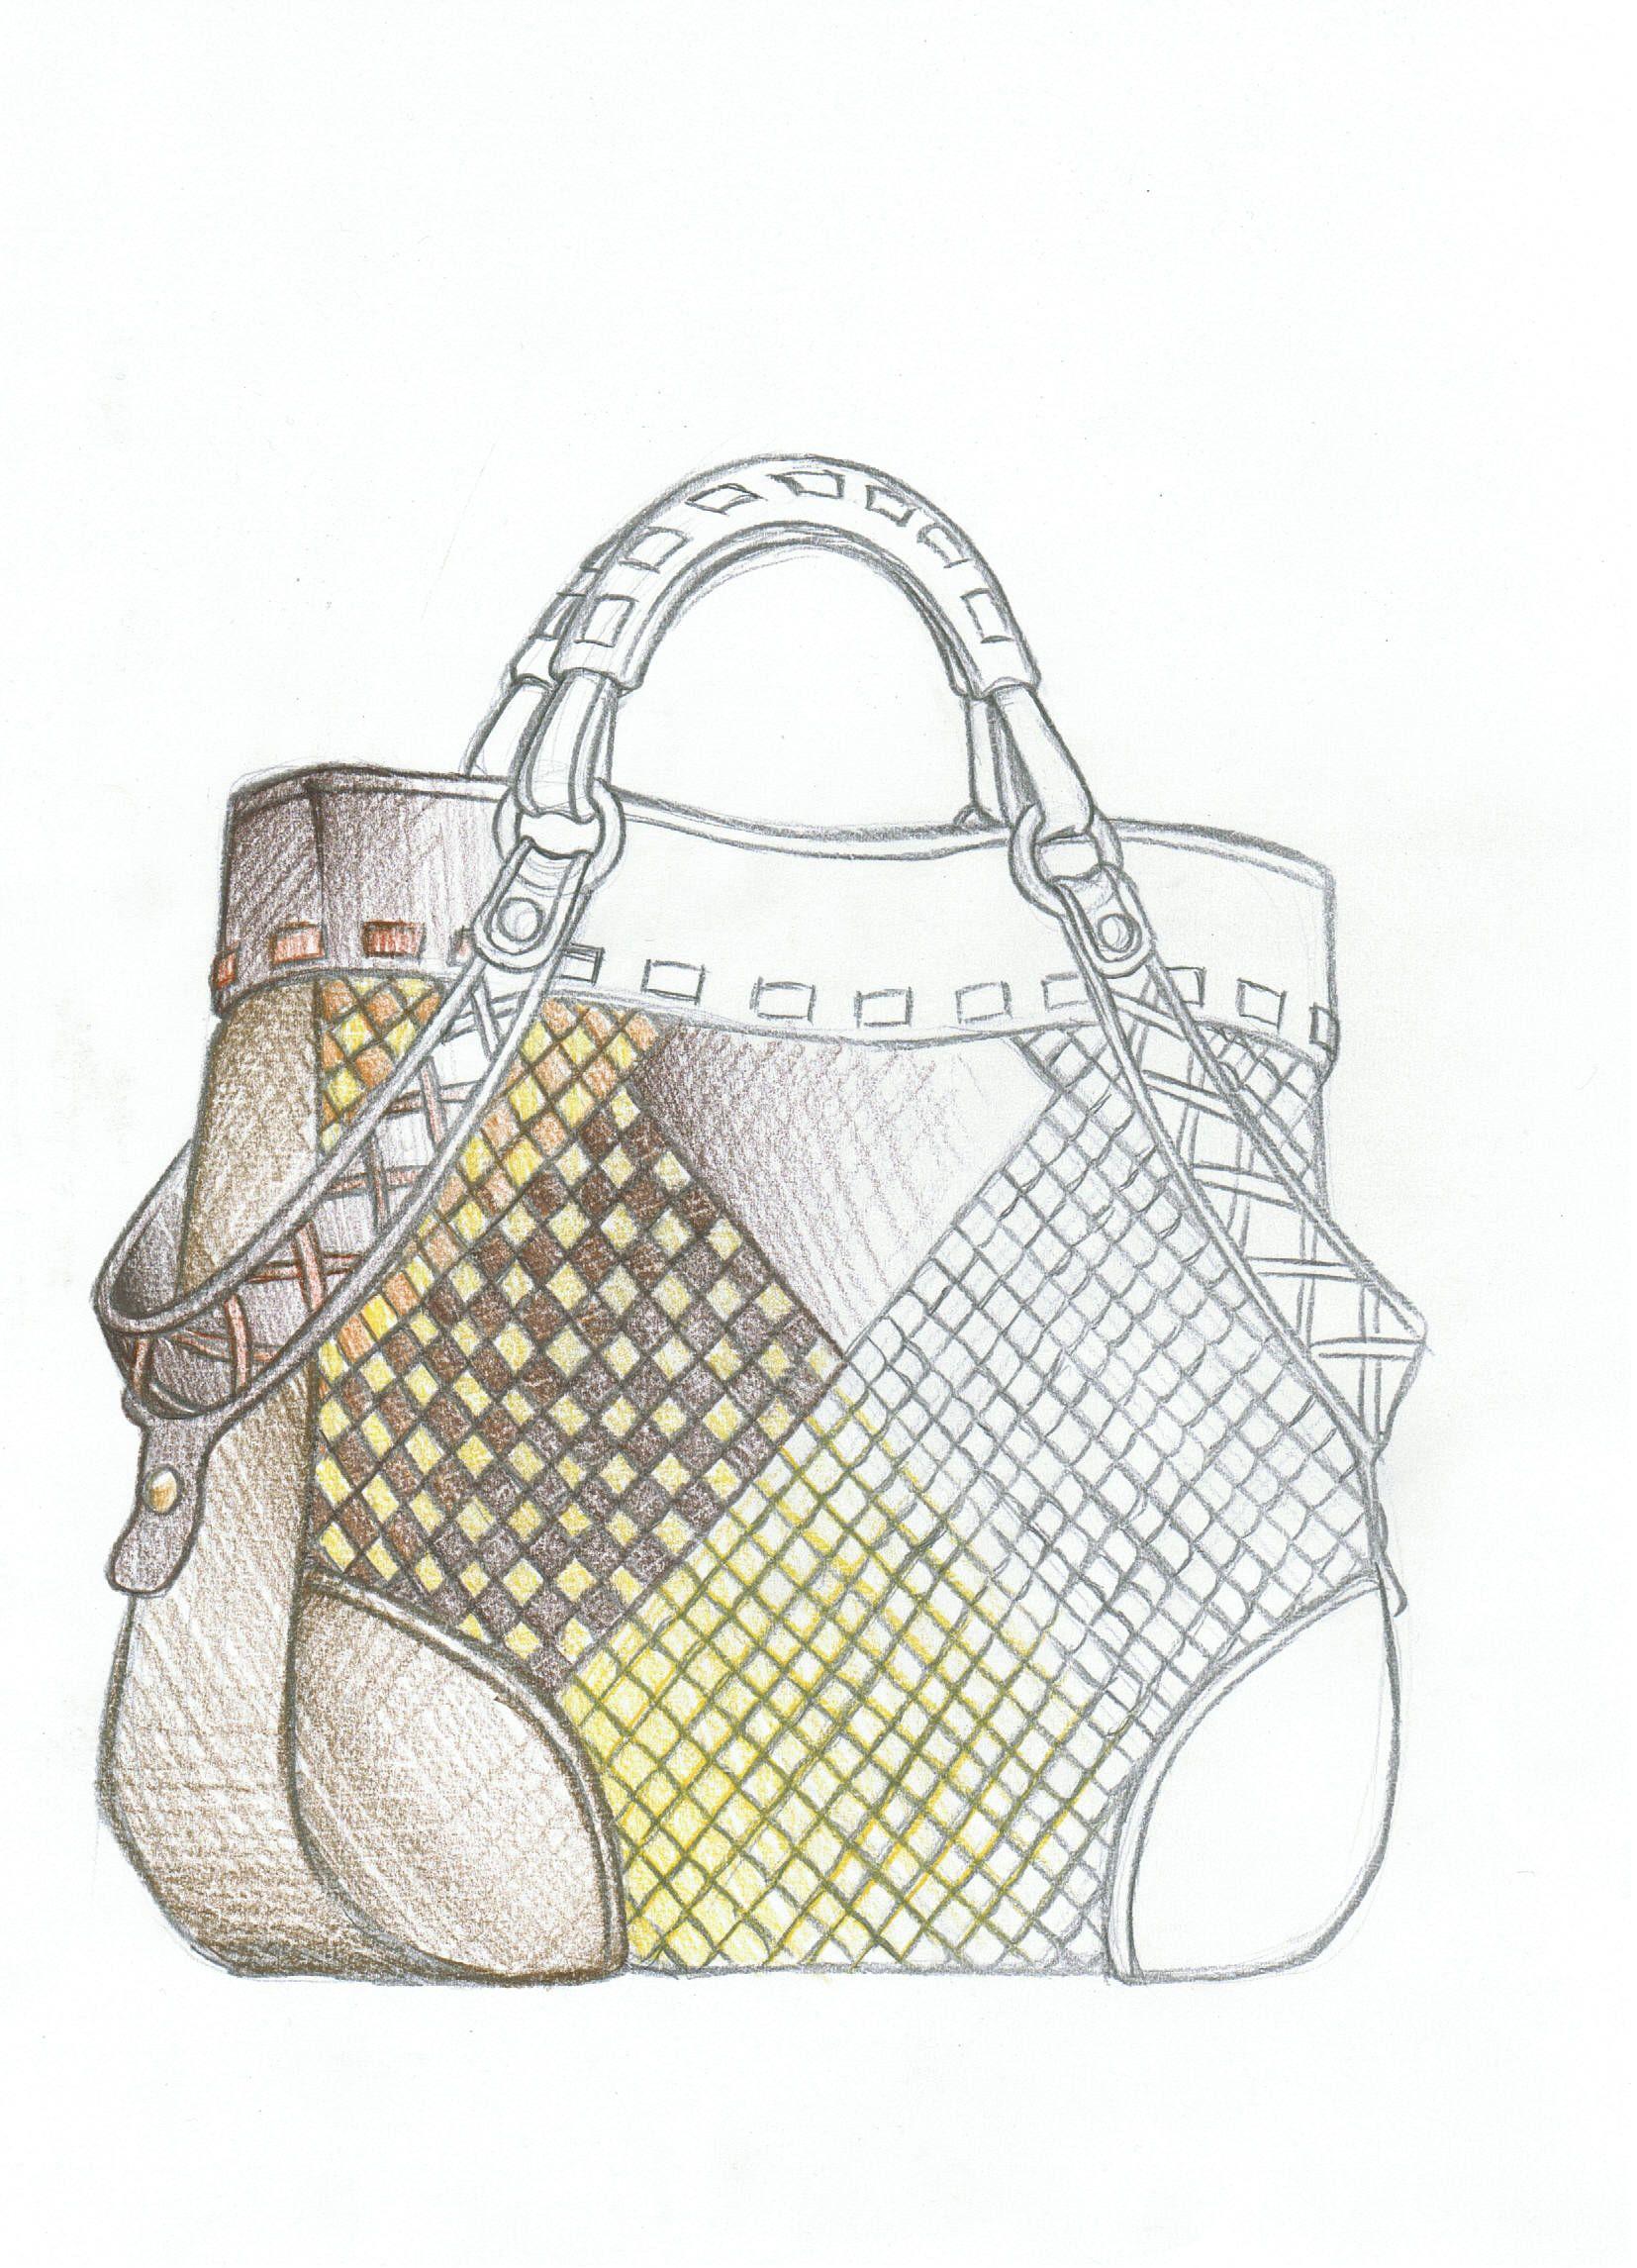 Pin von nani coldine auf woven and quilt | Pinterest | Kreativ und Nähen